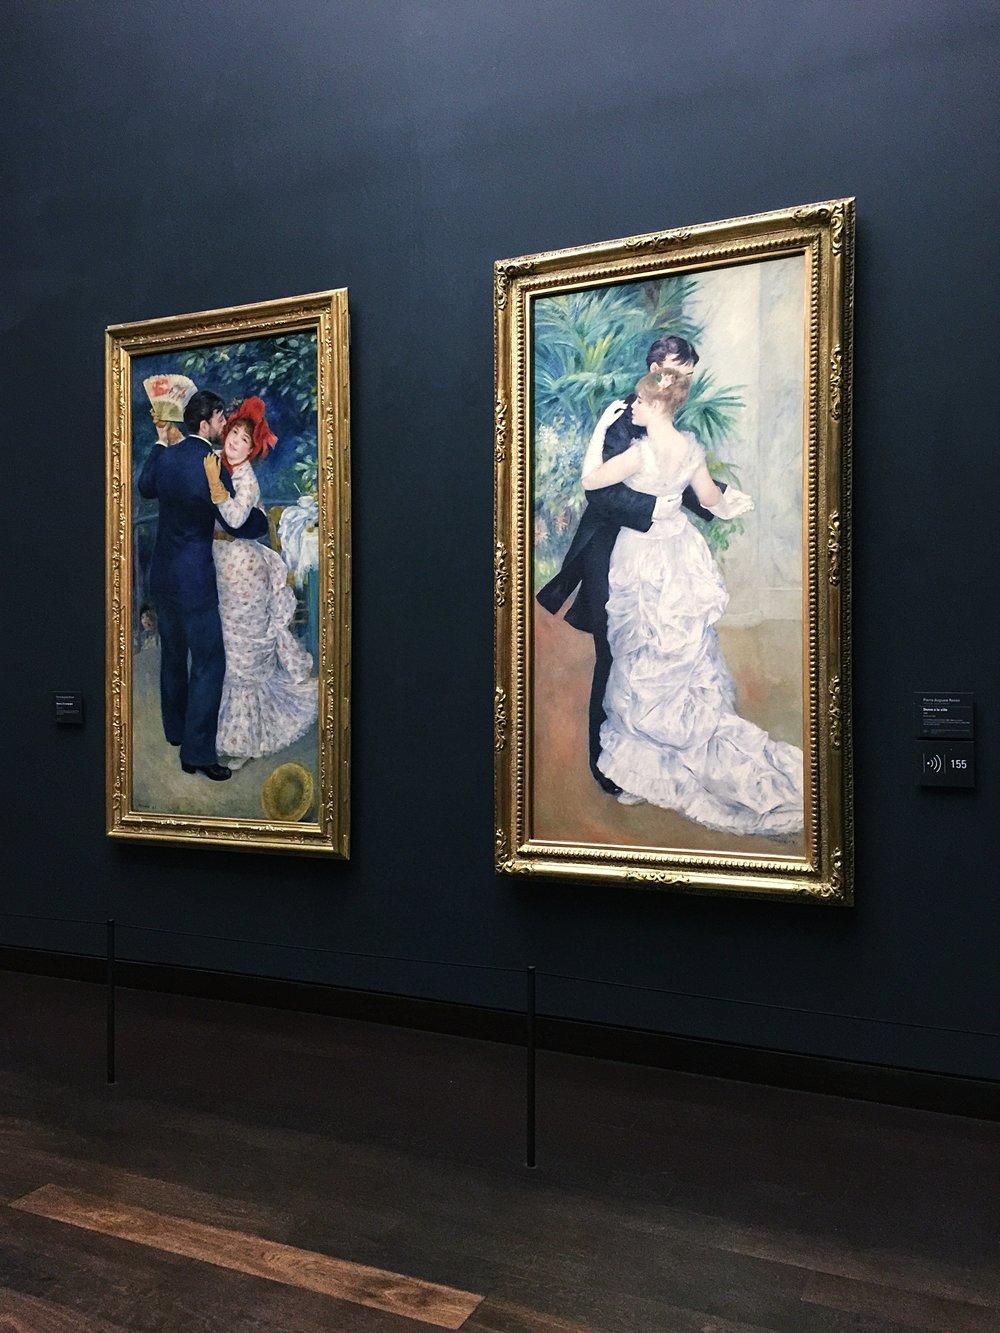 One of my favorite artists - Renoir.